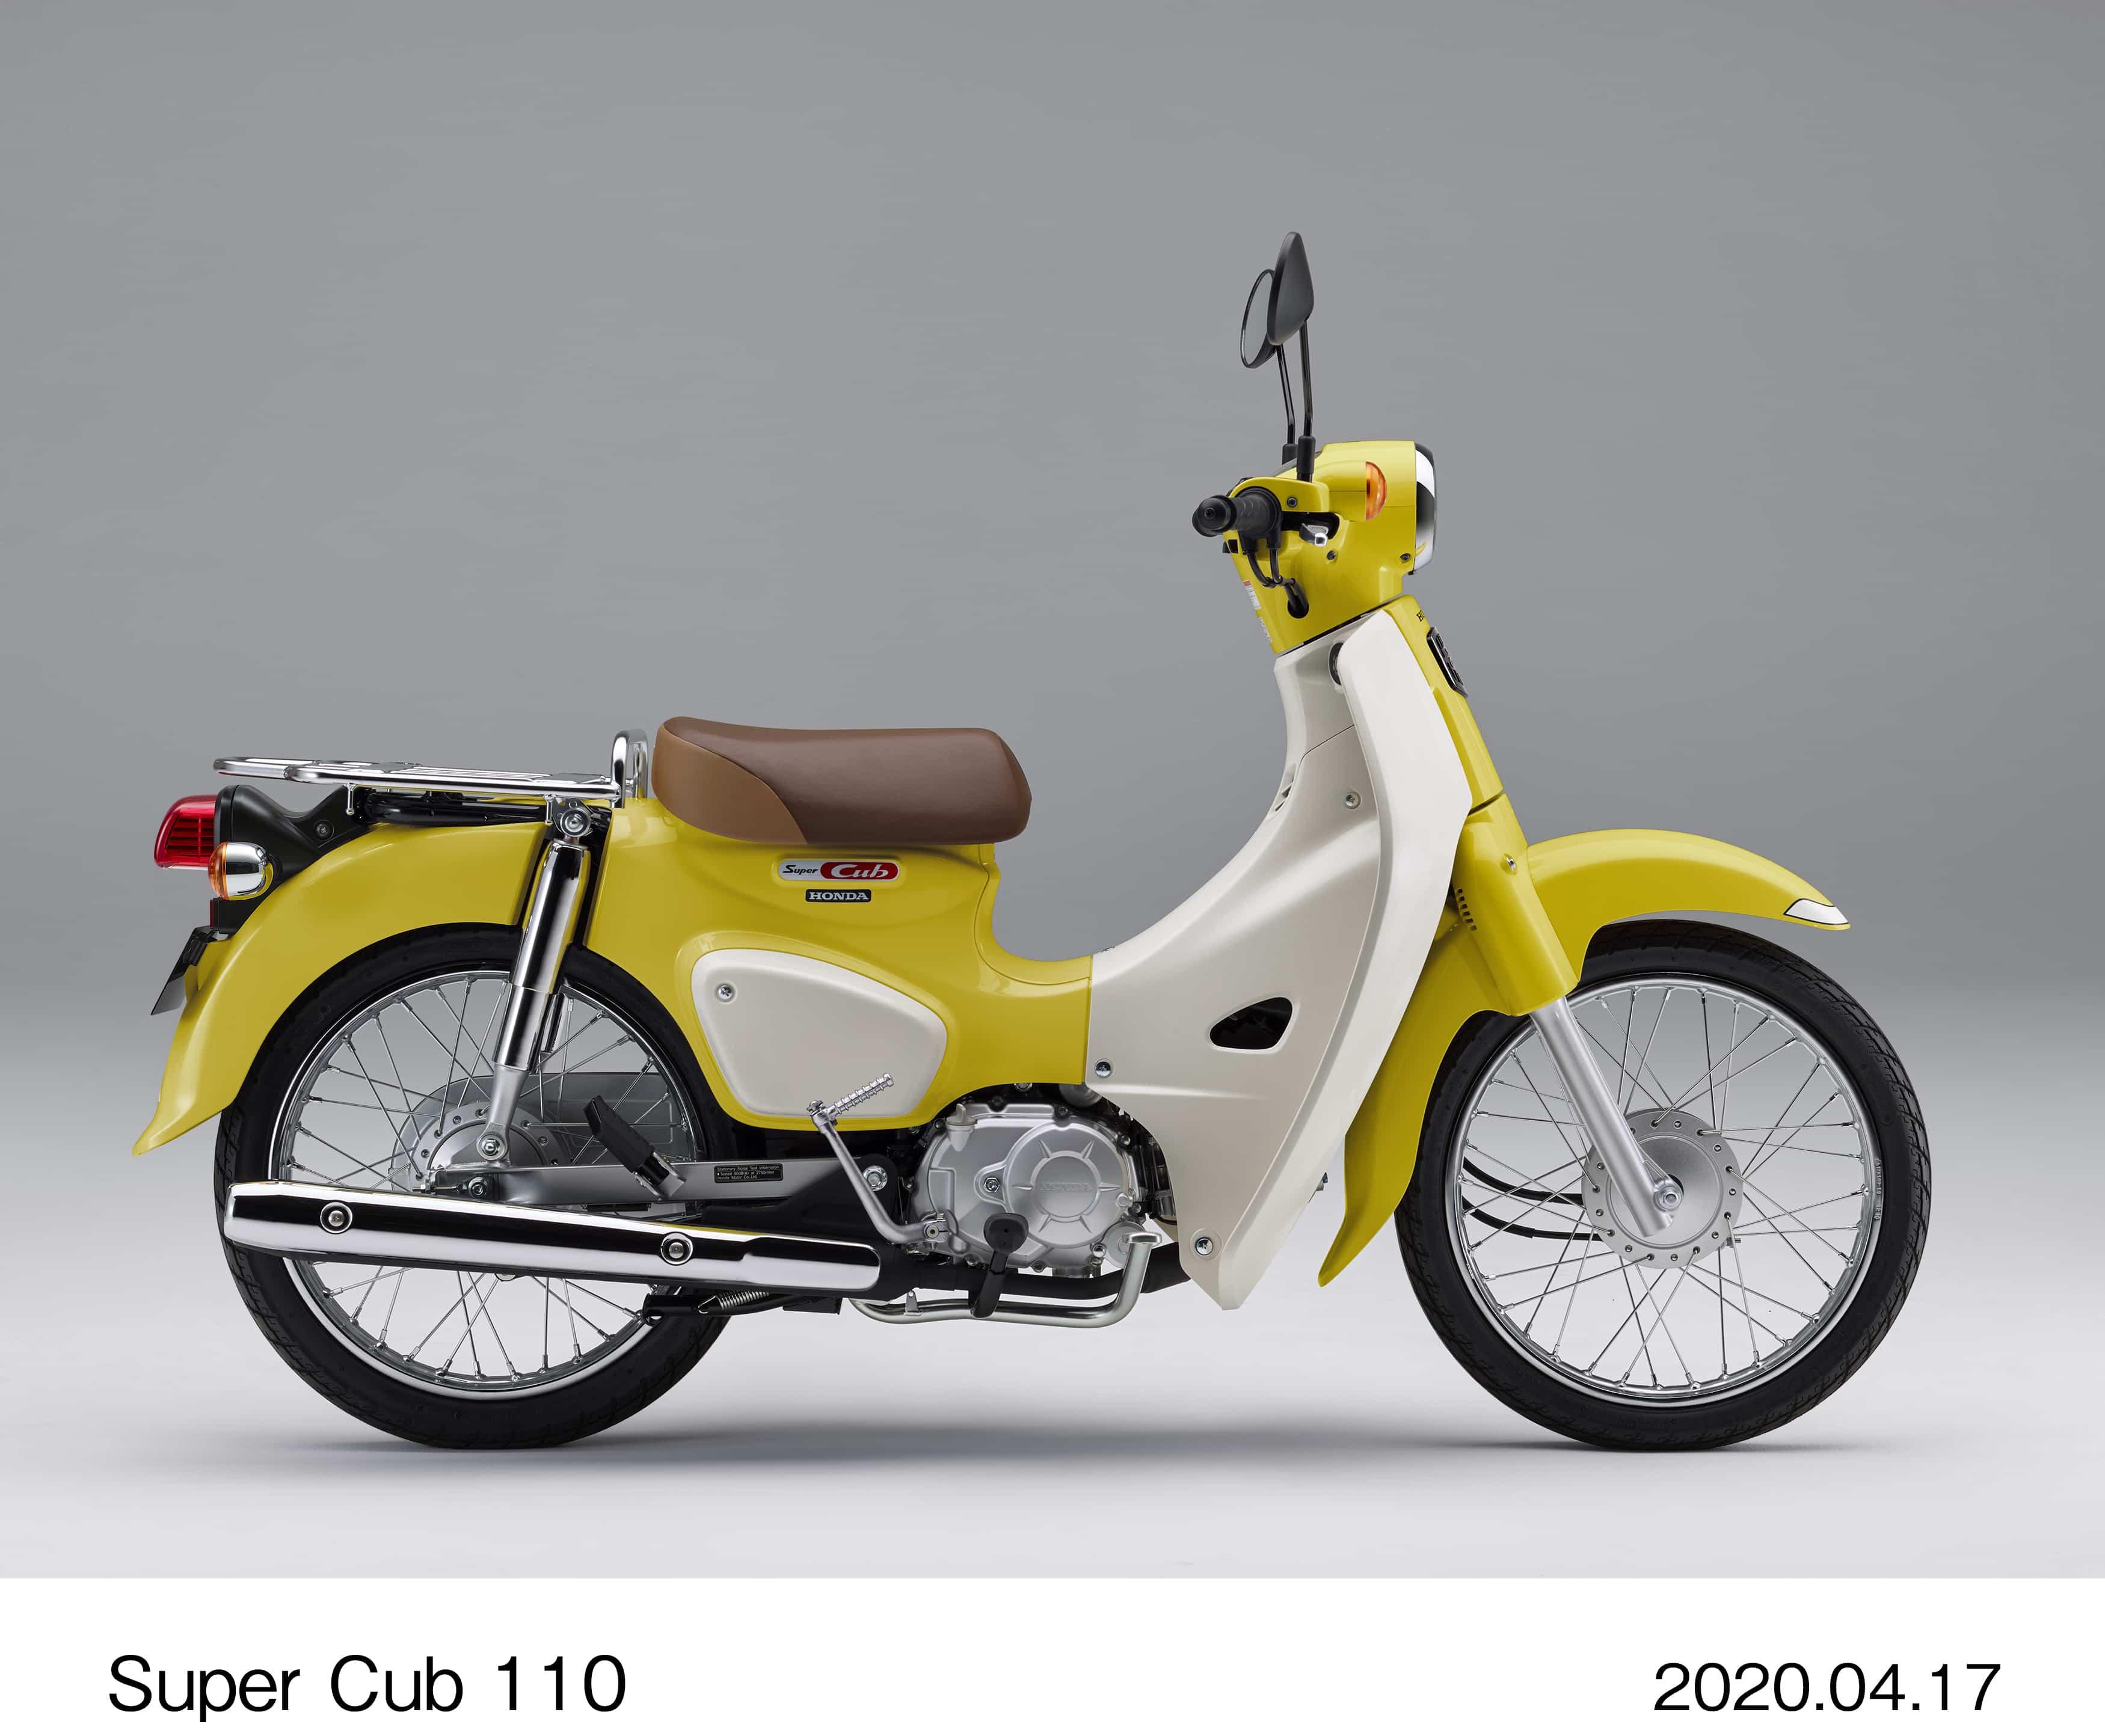 ホンダ スーパーカブ110に新色を追加、クロスカブ110を6月19日に発売